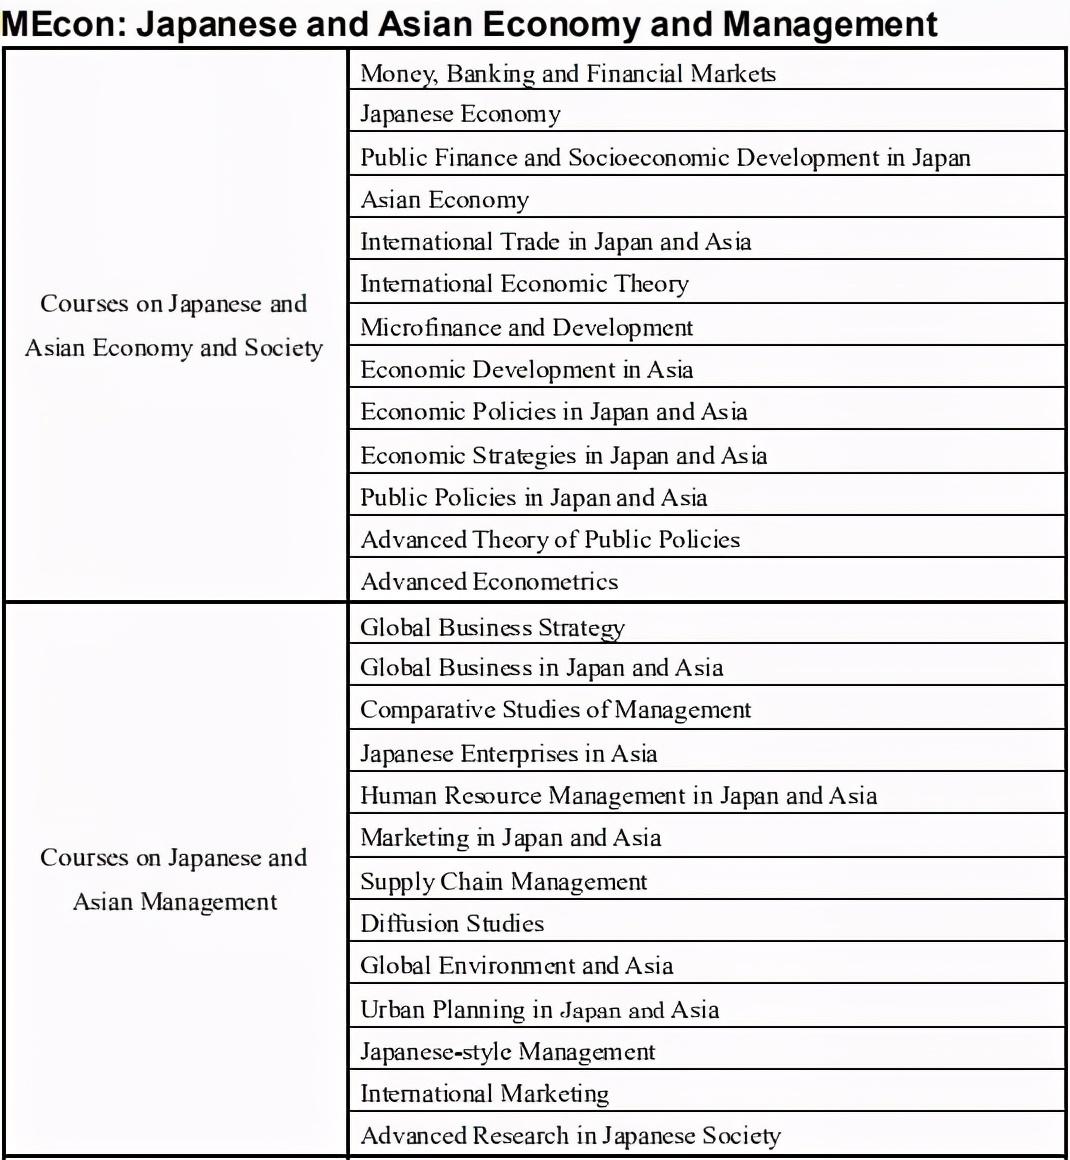 关东知名国立大学—埼玉大学MEcon经济学英文项目申请指南